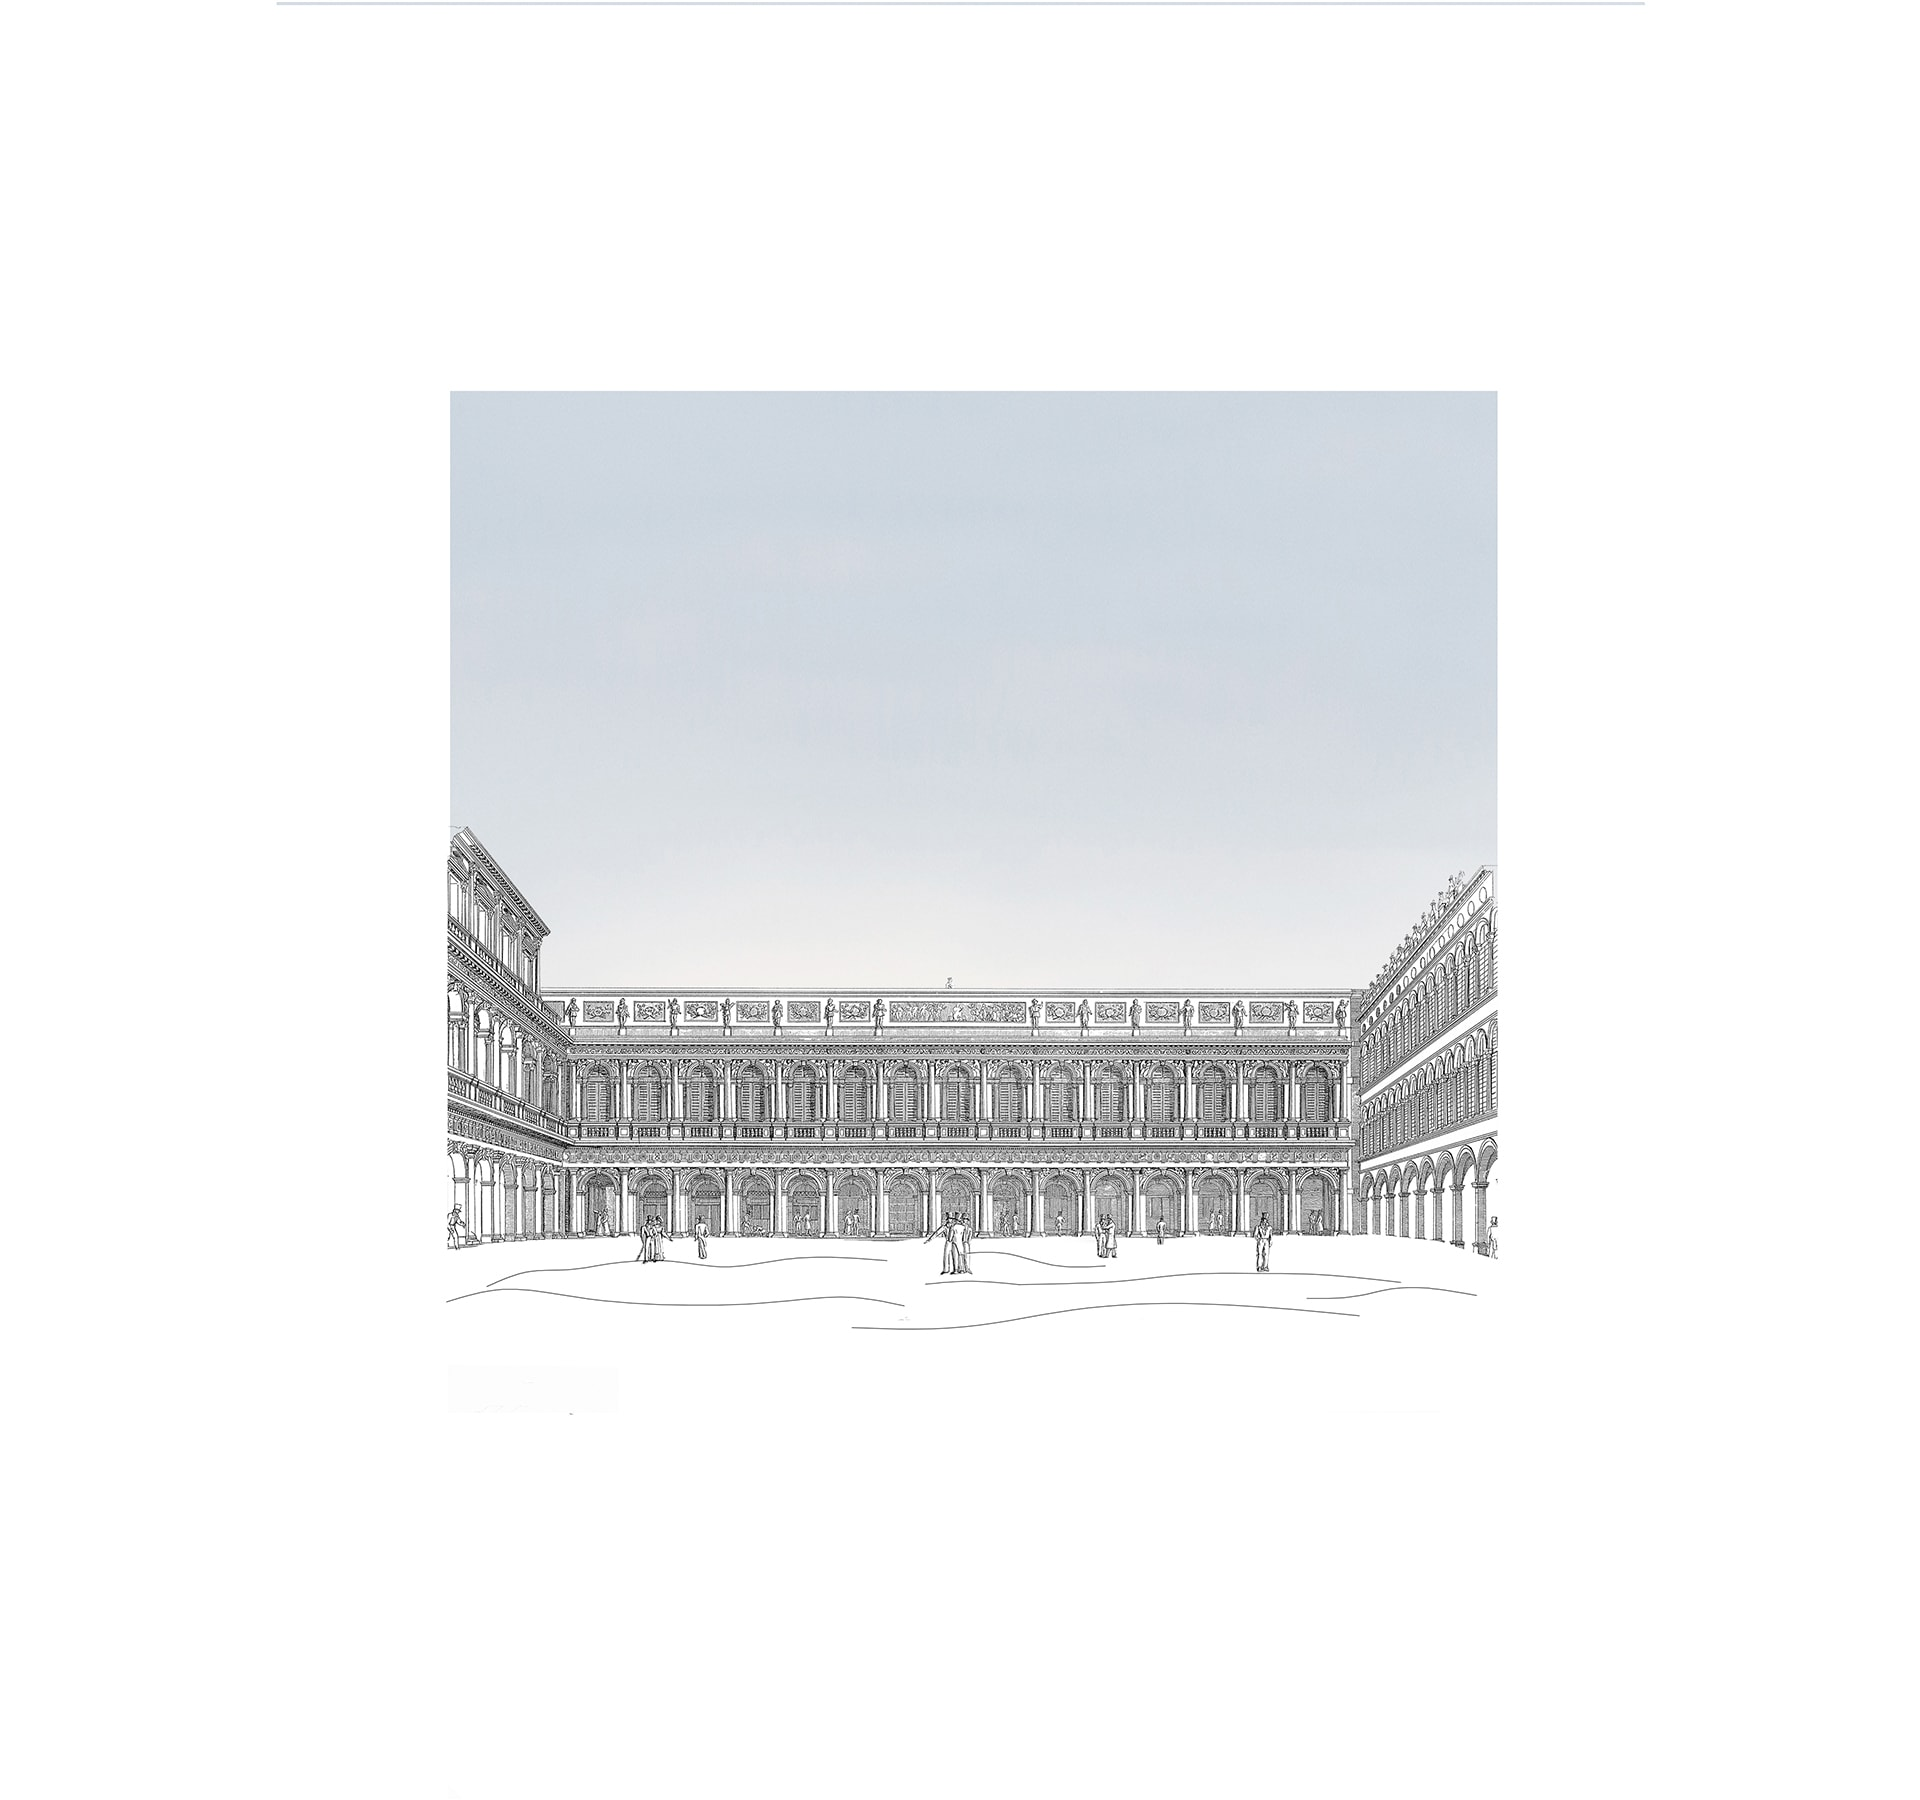 AcquaAlta_BarbaraStallone_architect_SouFujimotoArchitects_07